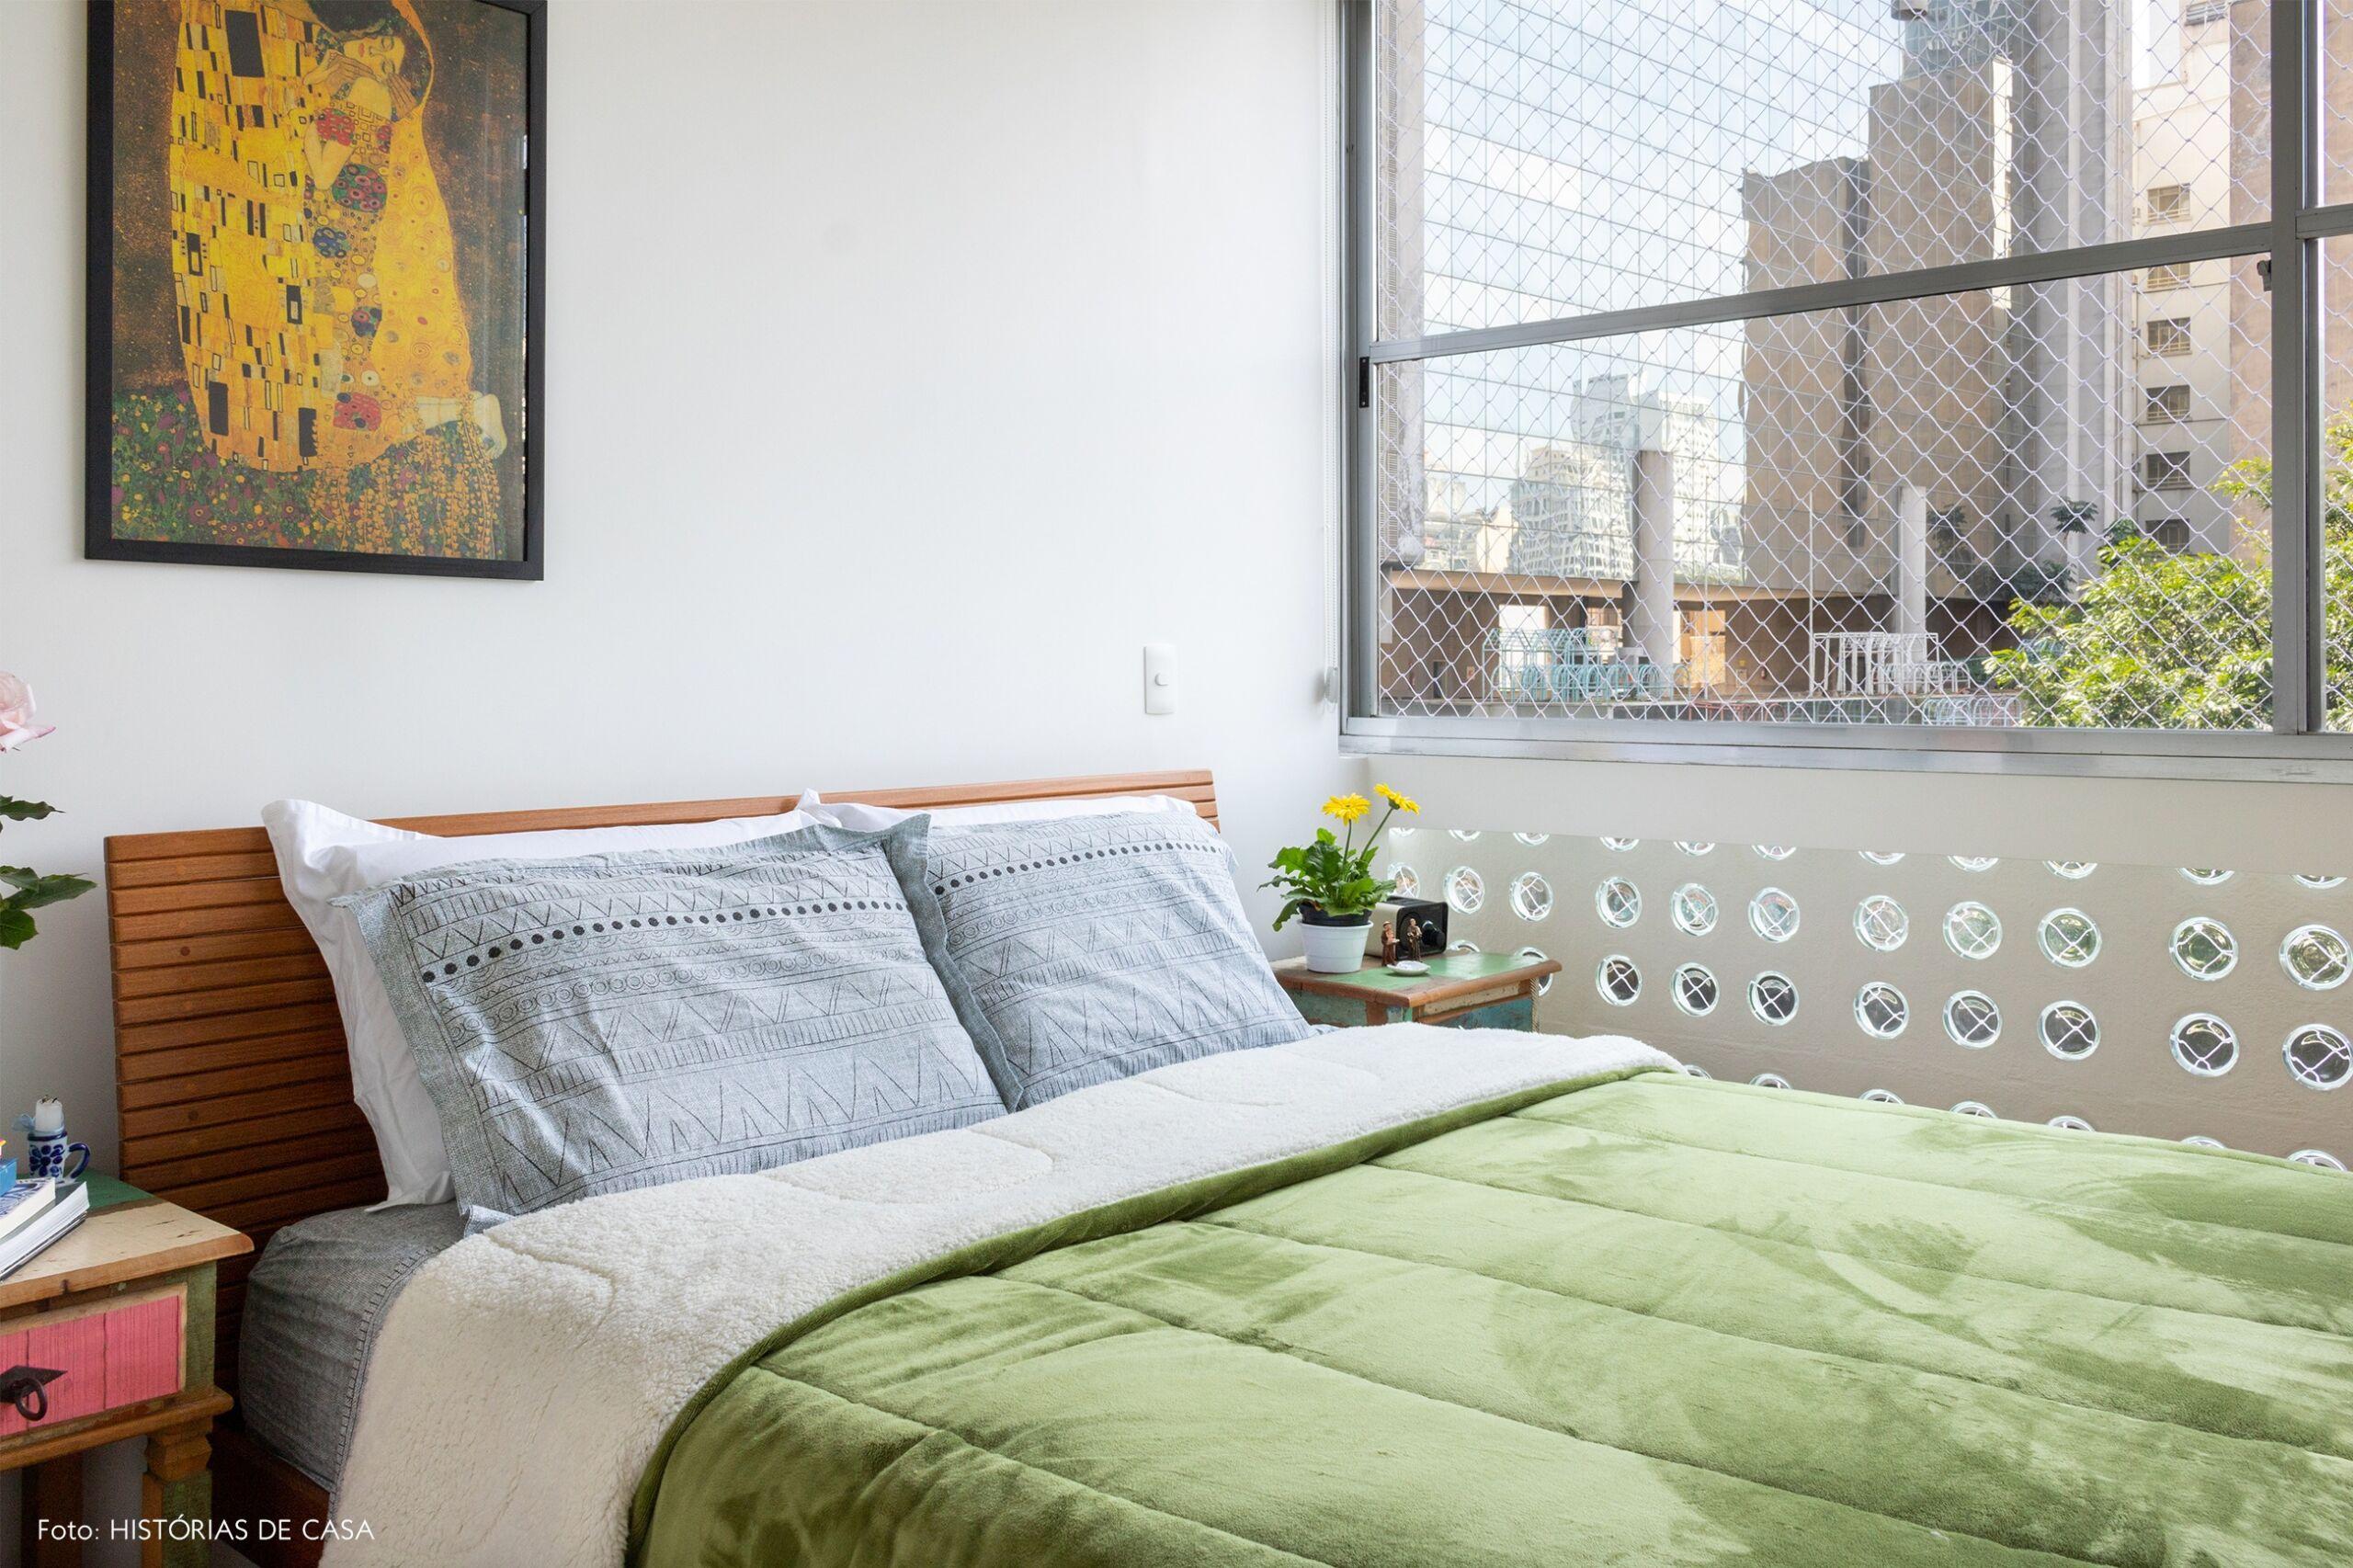 quarto-cama-mesa-lateral-madeira-quadro-klimt-janela-grande